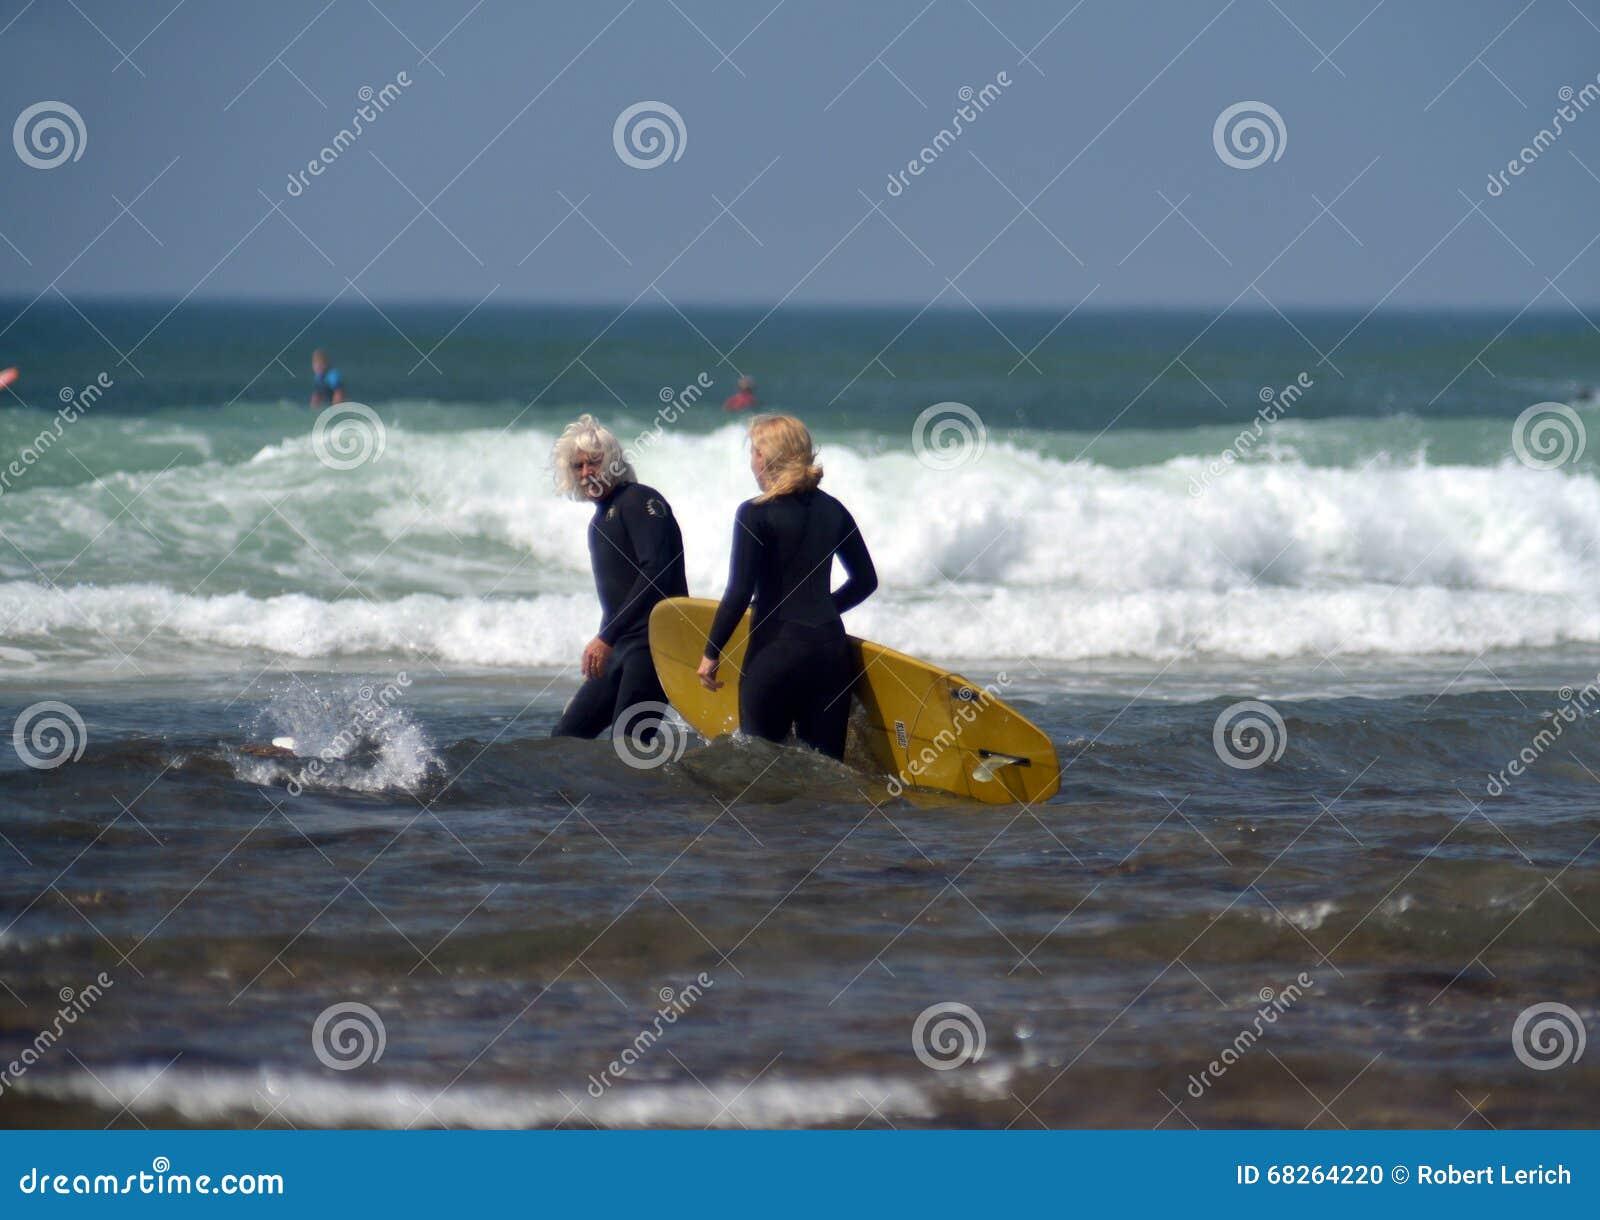 Redakcyjne para surfingowów przykopu równiny Montuak Nowy Jork